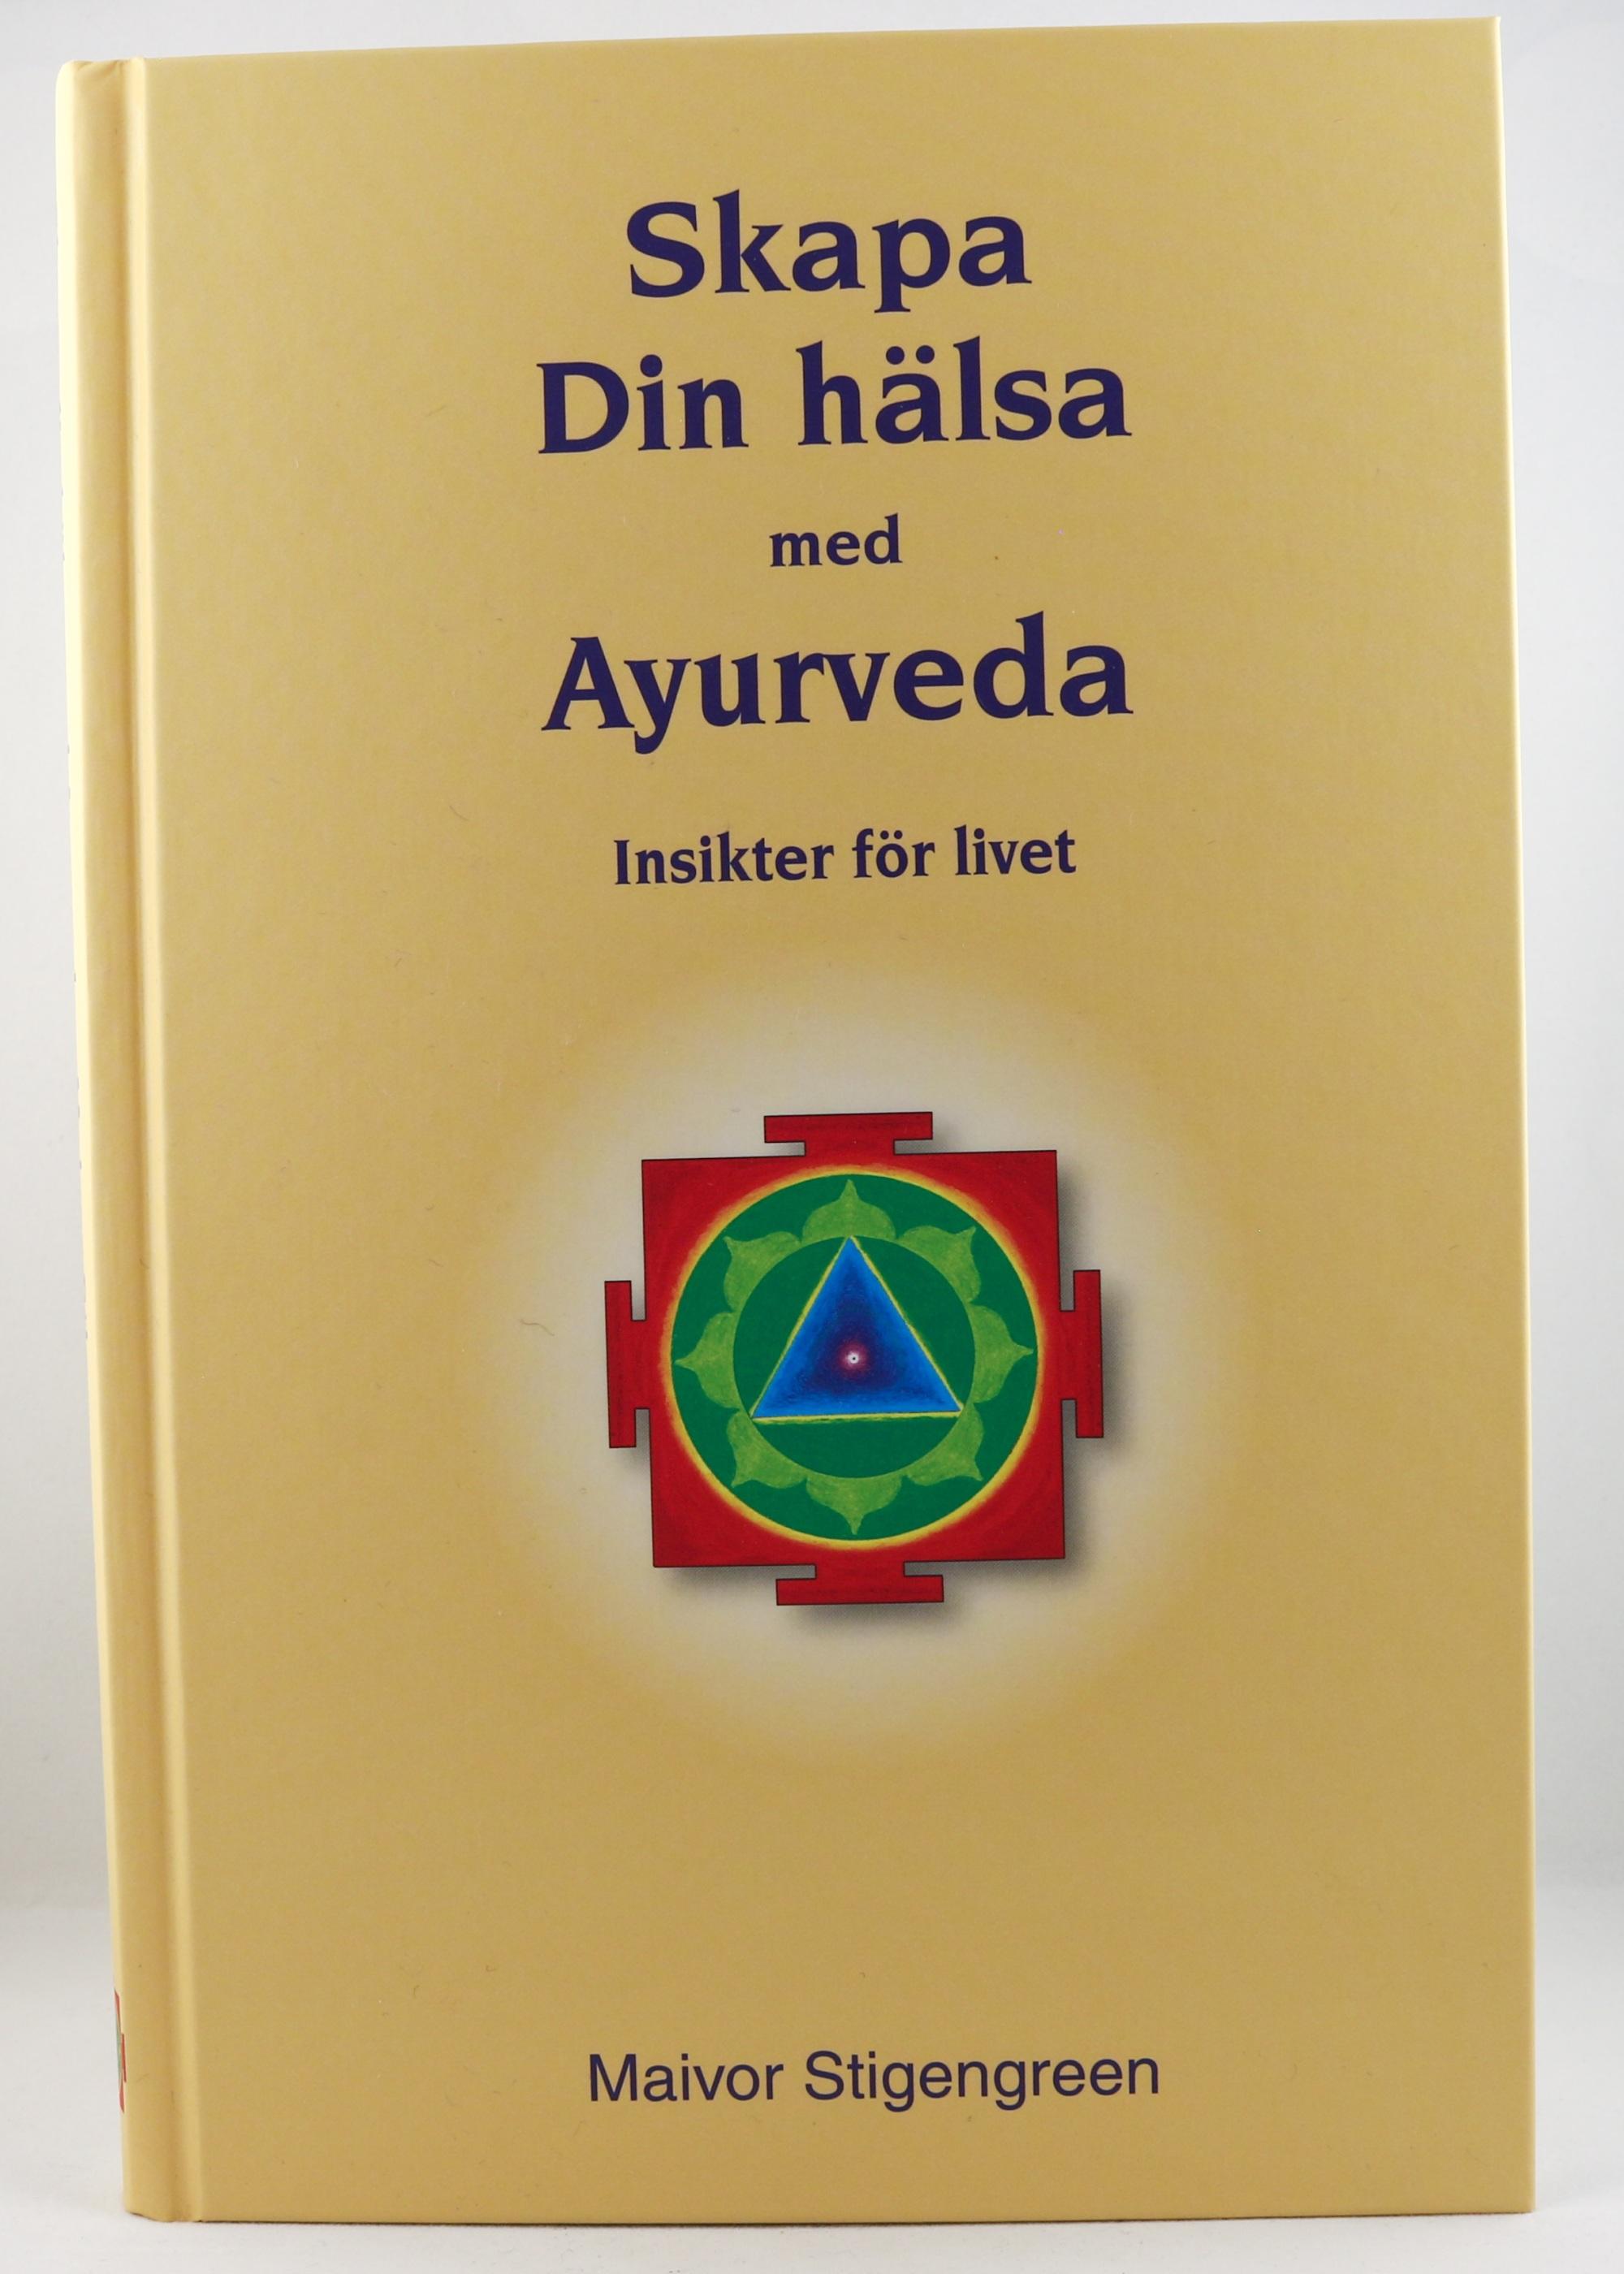 Skapa din hälsa med Ayurveda Wellness Ayurveda Halmstadmassören Halmstad Sverige Sweden svensk läsa bok